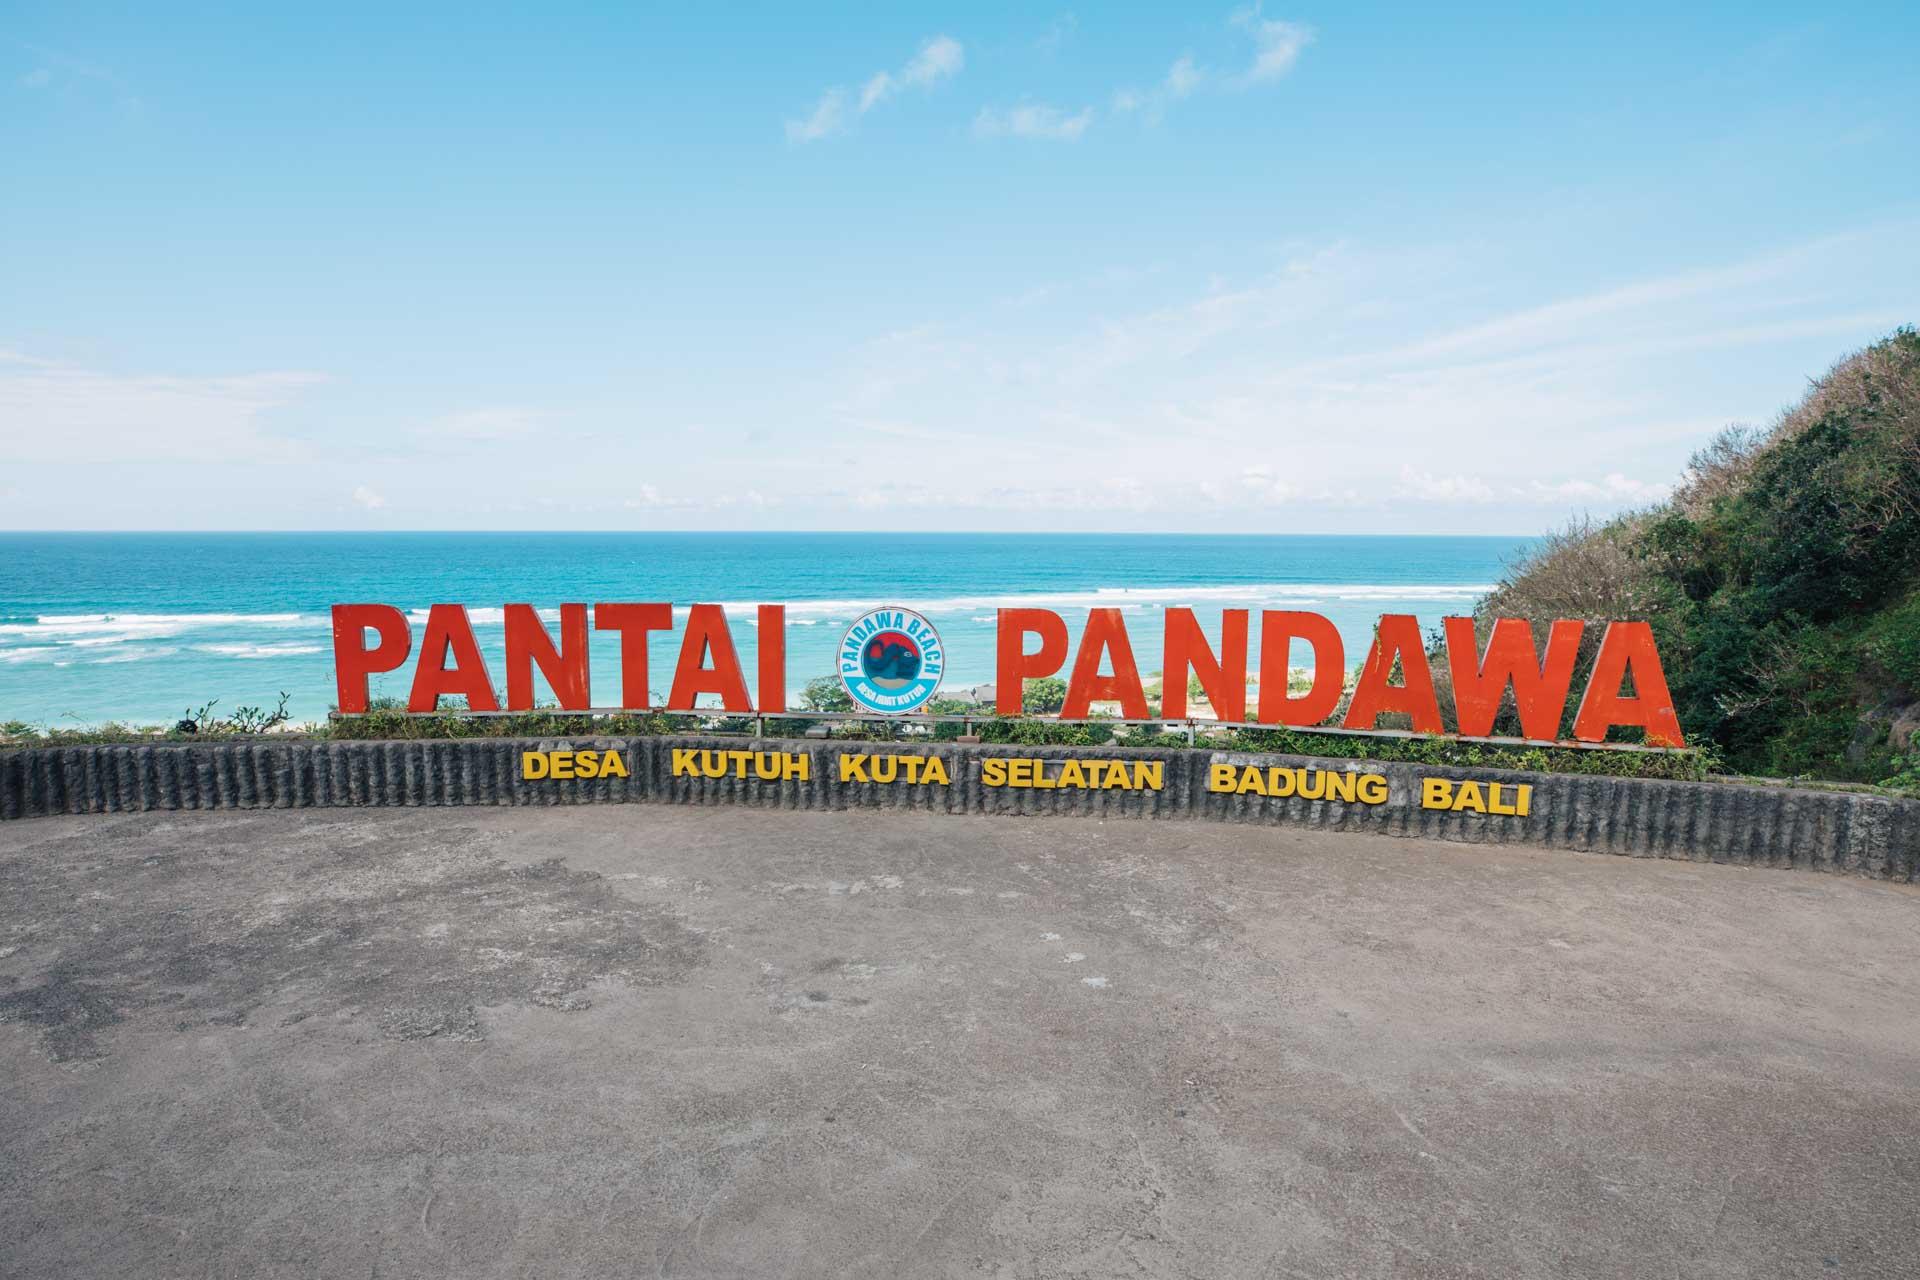 pandawa beach, pantai pandawa, pandawa beach bali, pantai pandawa bali, pandawa